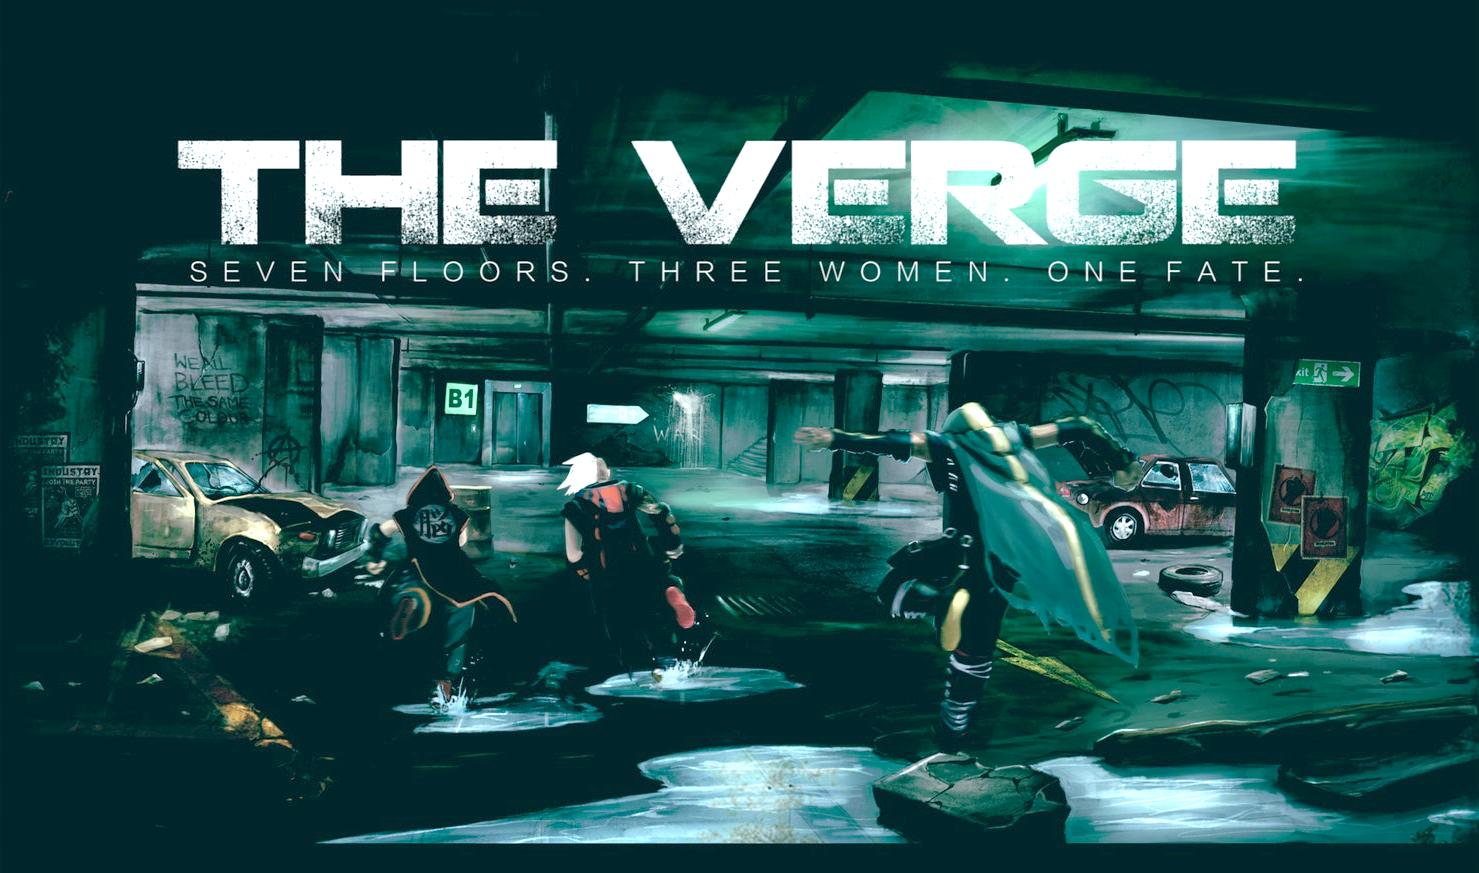 La verge : 7 étages, 3 femmes, un espoir ?